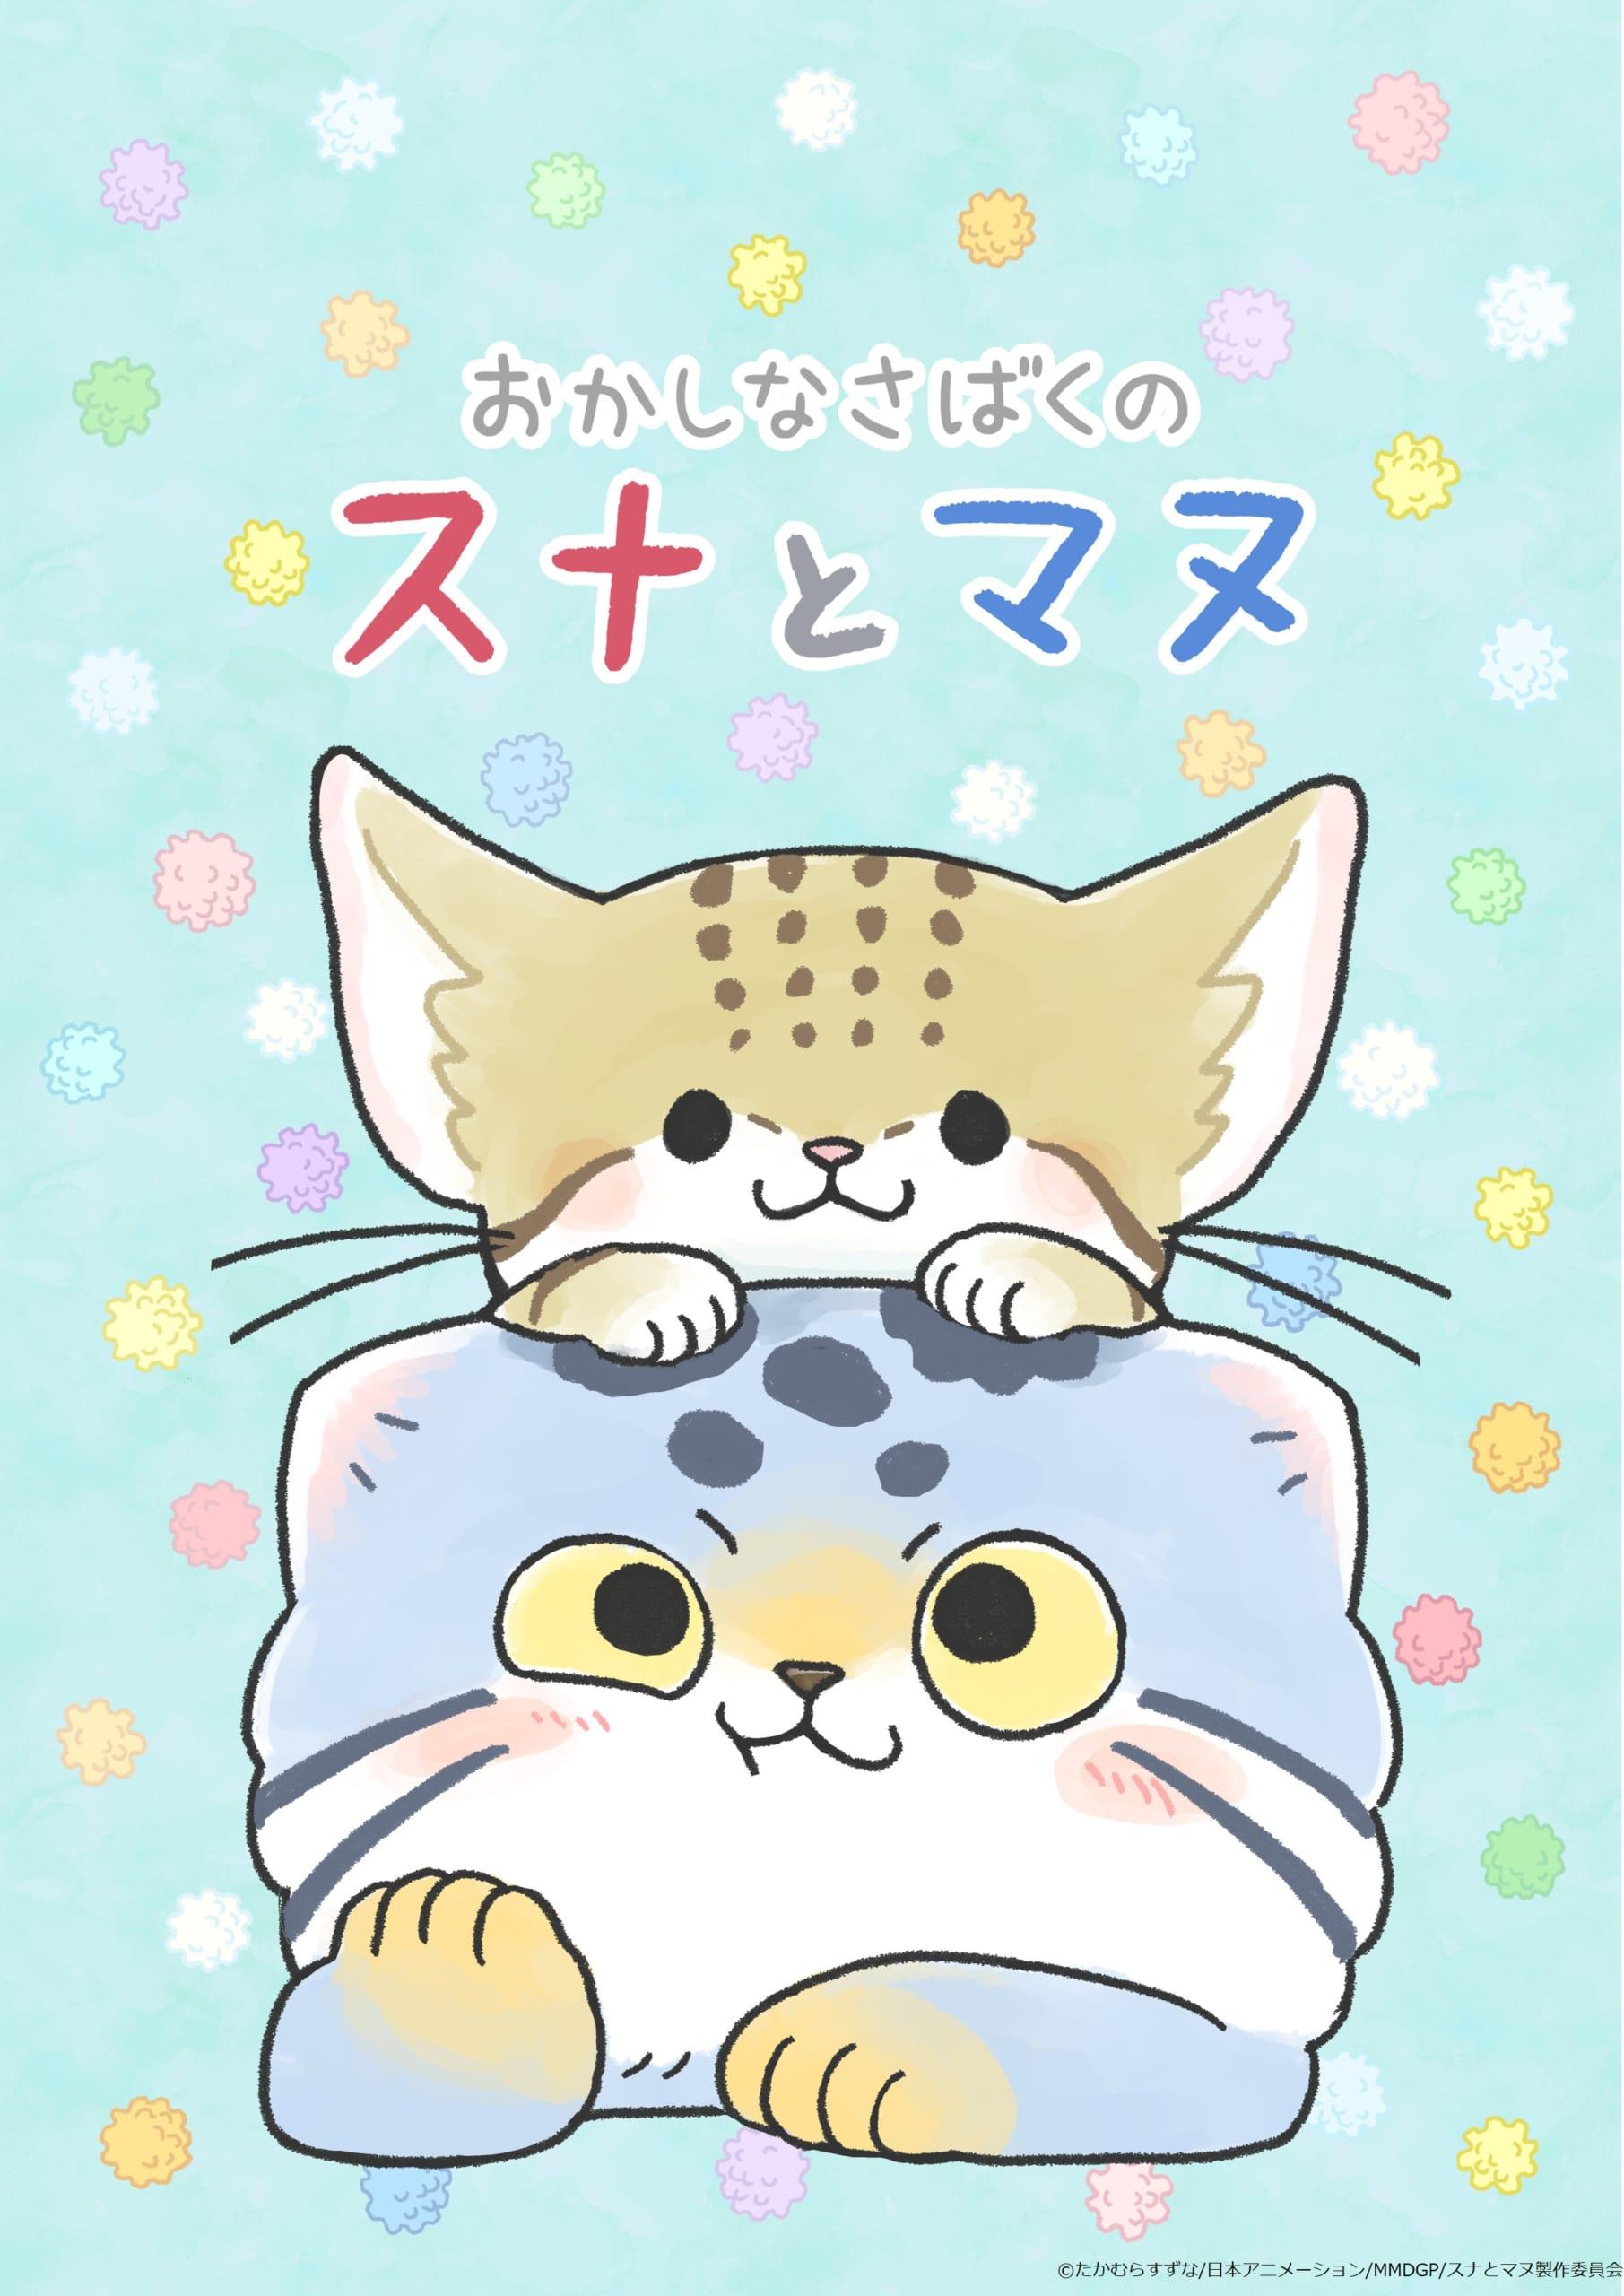 ネコに癒やされるショートアニメ「おかしなさばくのスナとマヌ」2021年2月放送開始!キャストは葉山翔太さん&岩崎諒太さん